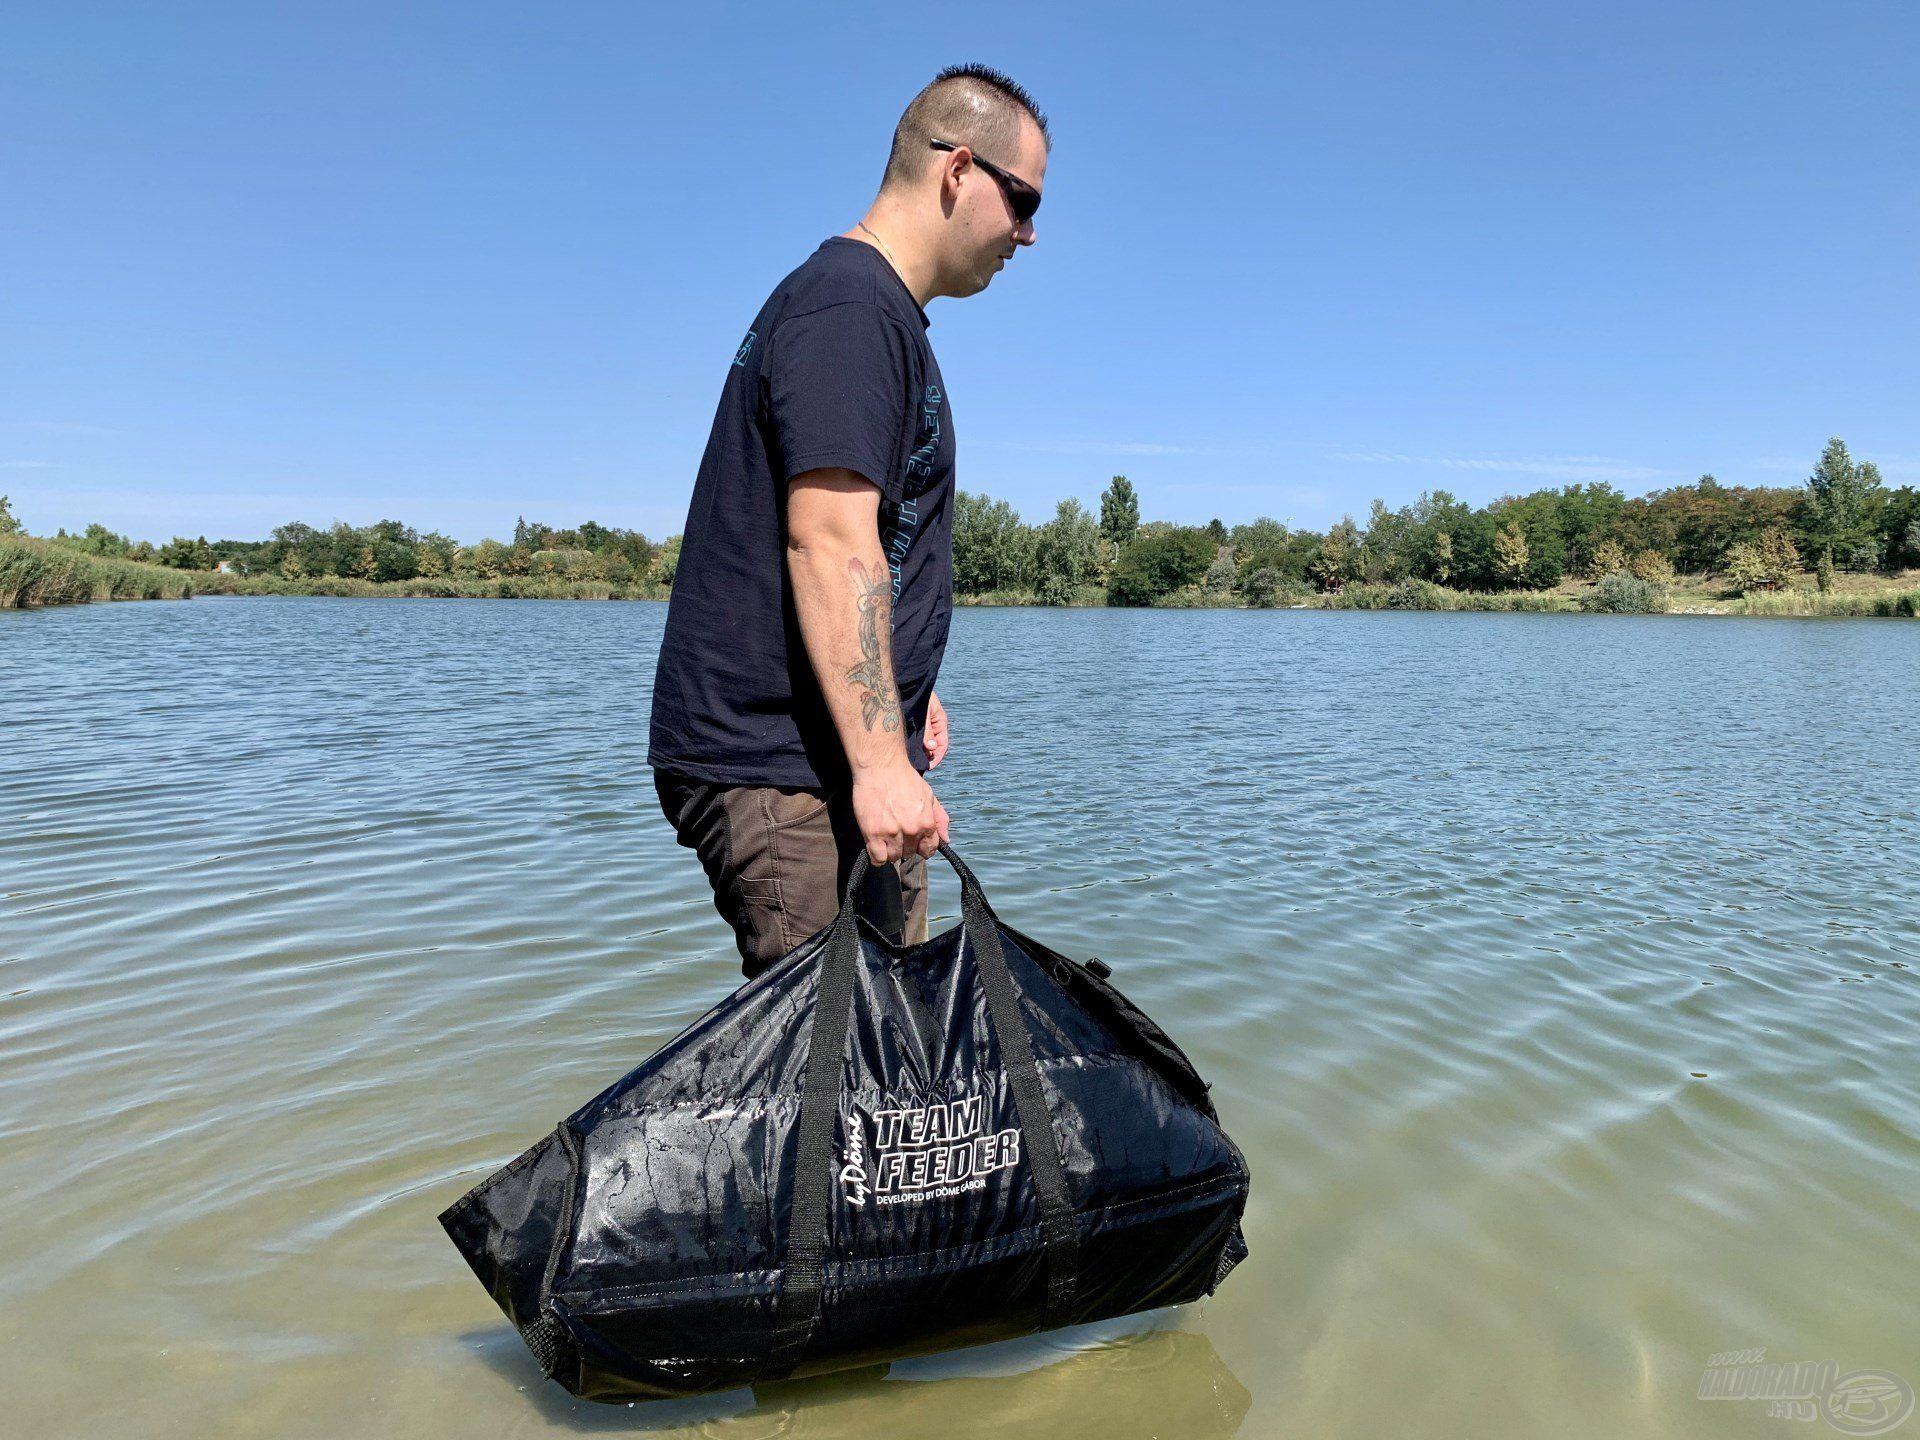 A By Döme TEAM FEEDER Merevfalú pontymatrac segítségével egy ilyen gyönyörű, termetes pontyot is könnyedén és biztonságosan vissza lehet helyezni a vízbe…